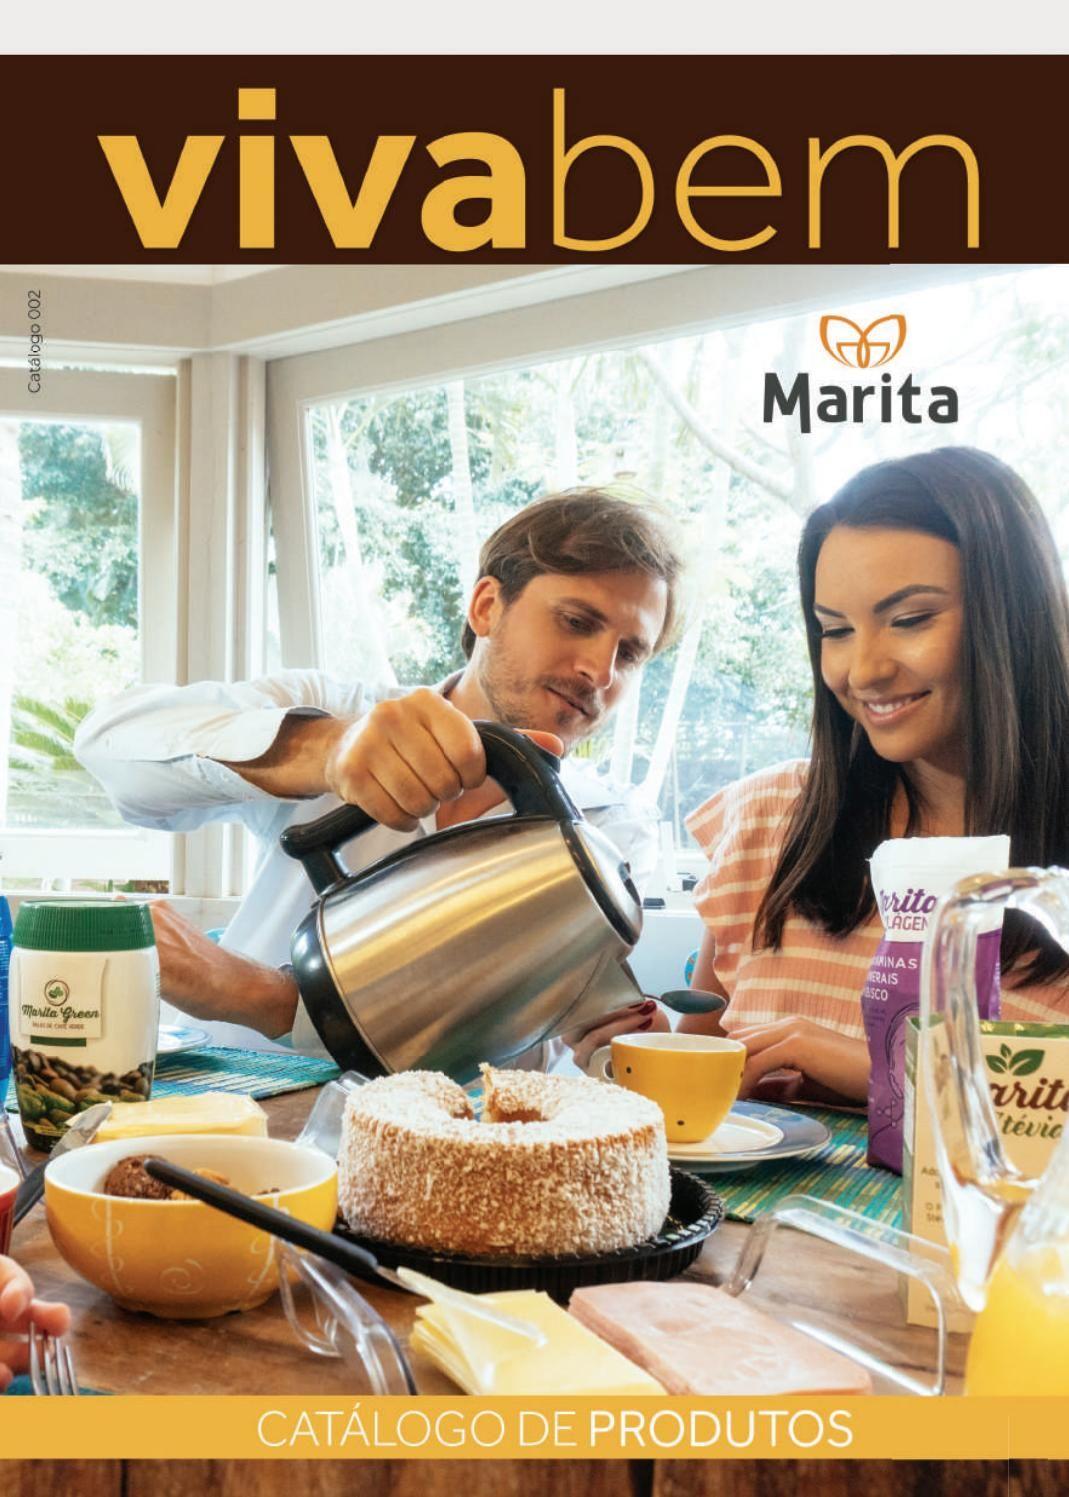 Catálogo Marita 2020 em 2020 | Catalogo, Catalogo de ...